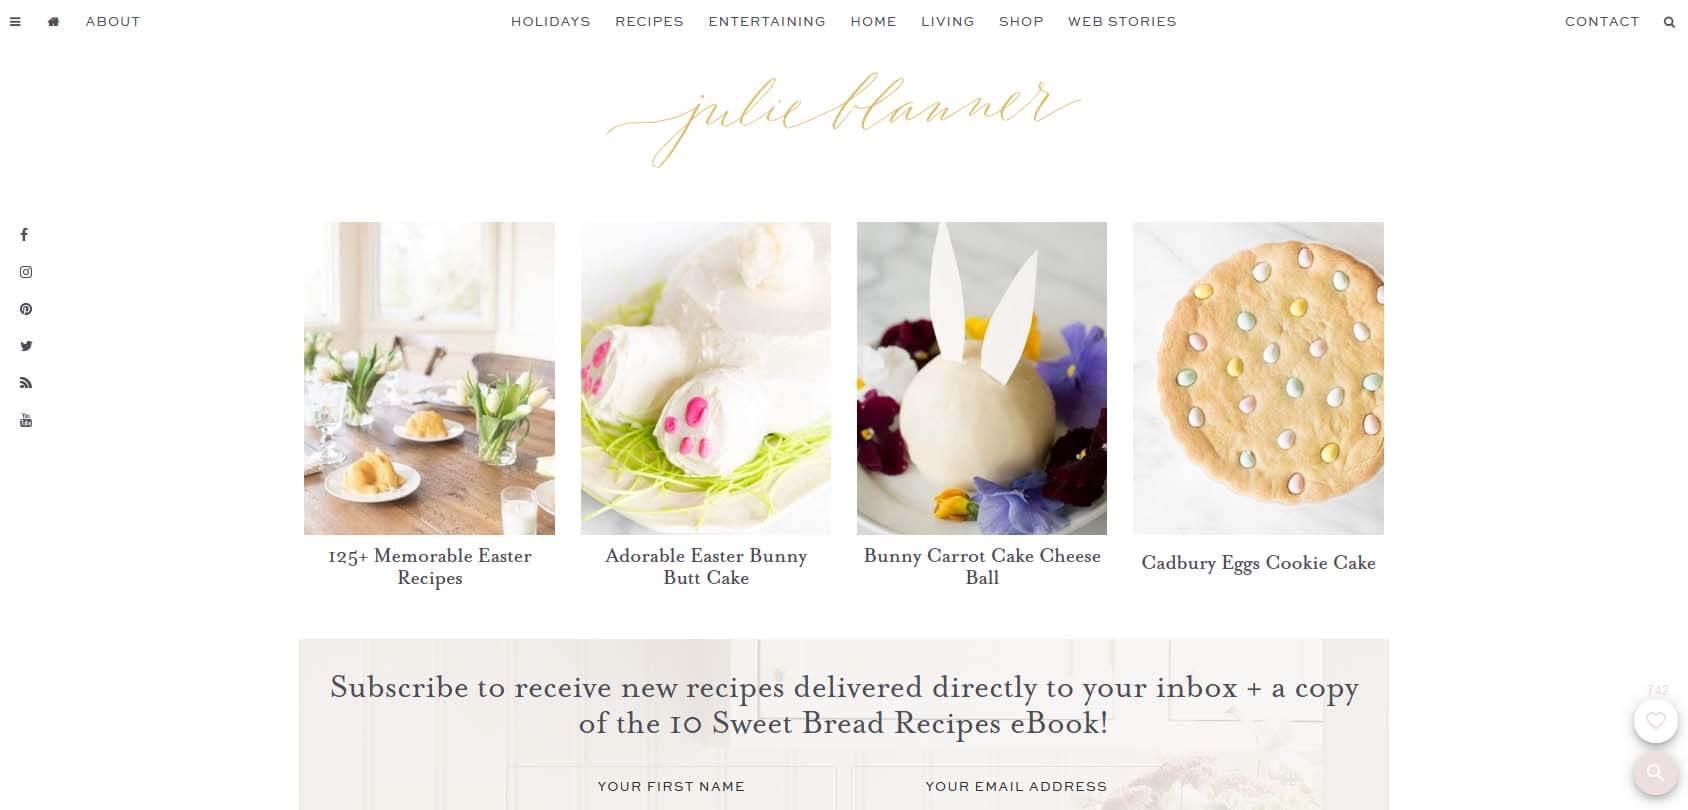 Julie Blanner Homepage